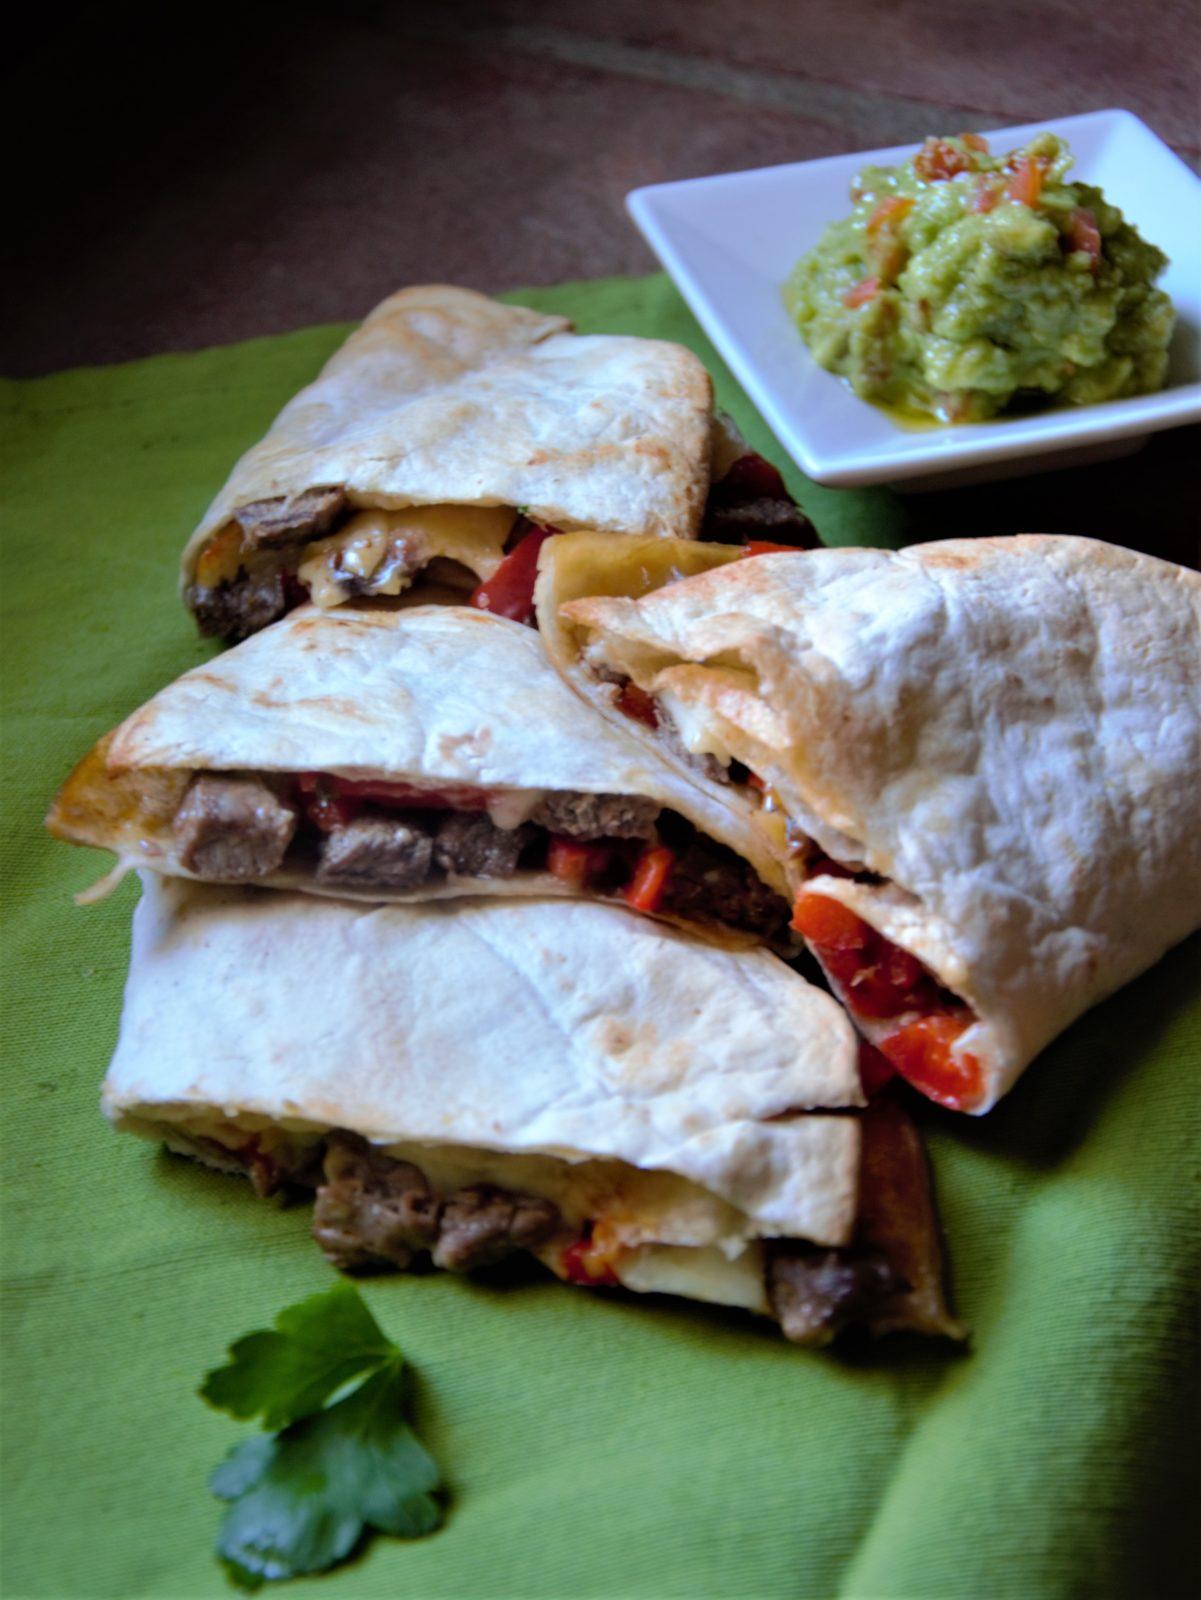 steak and chilli quesadillas